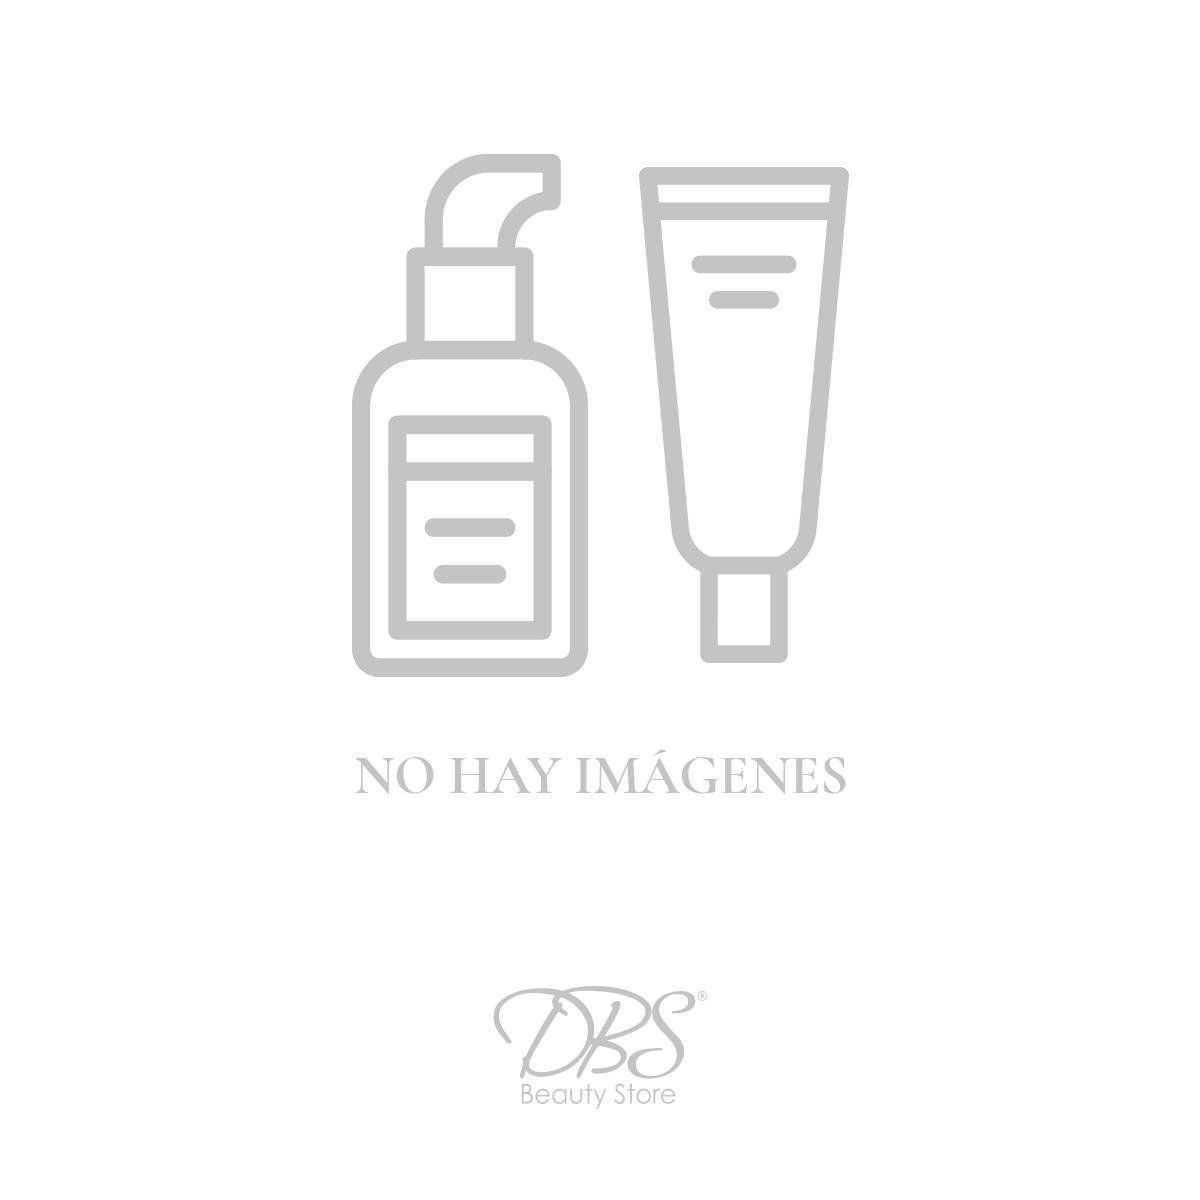 dbs-cosmetics-DBS-LI1059-MP.jpg